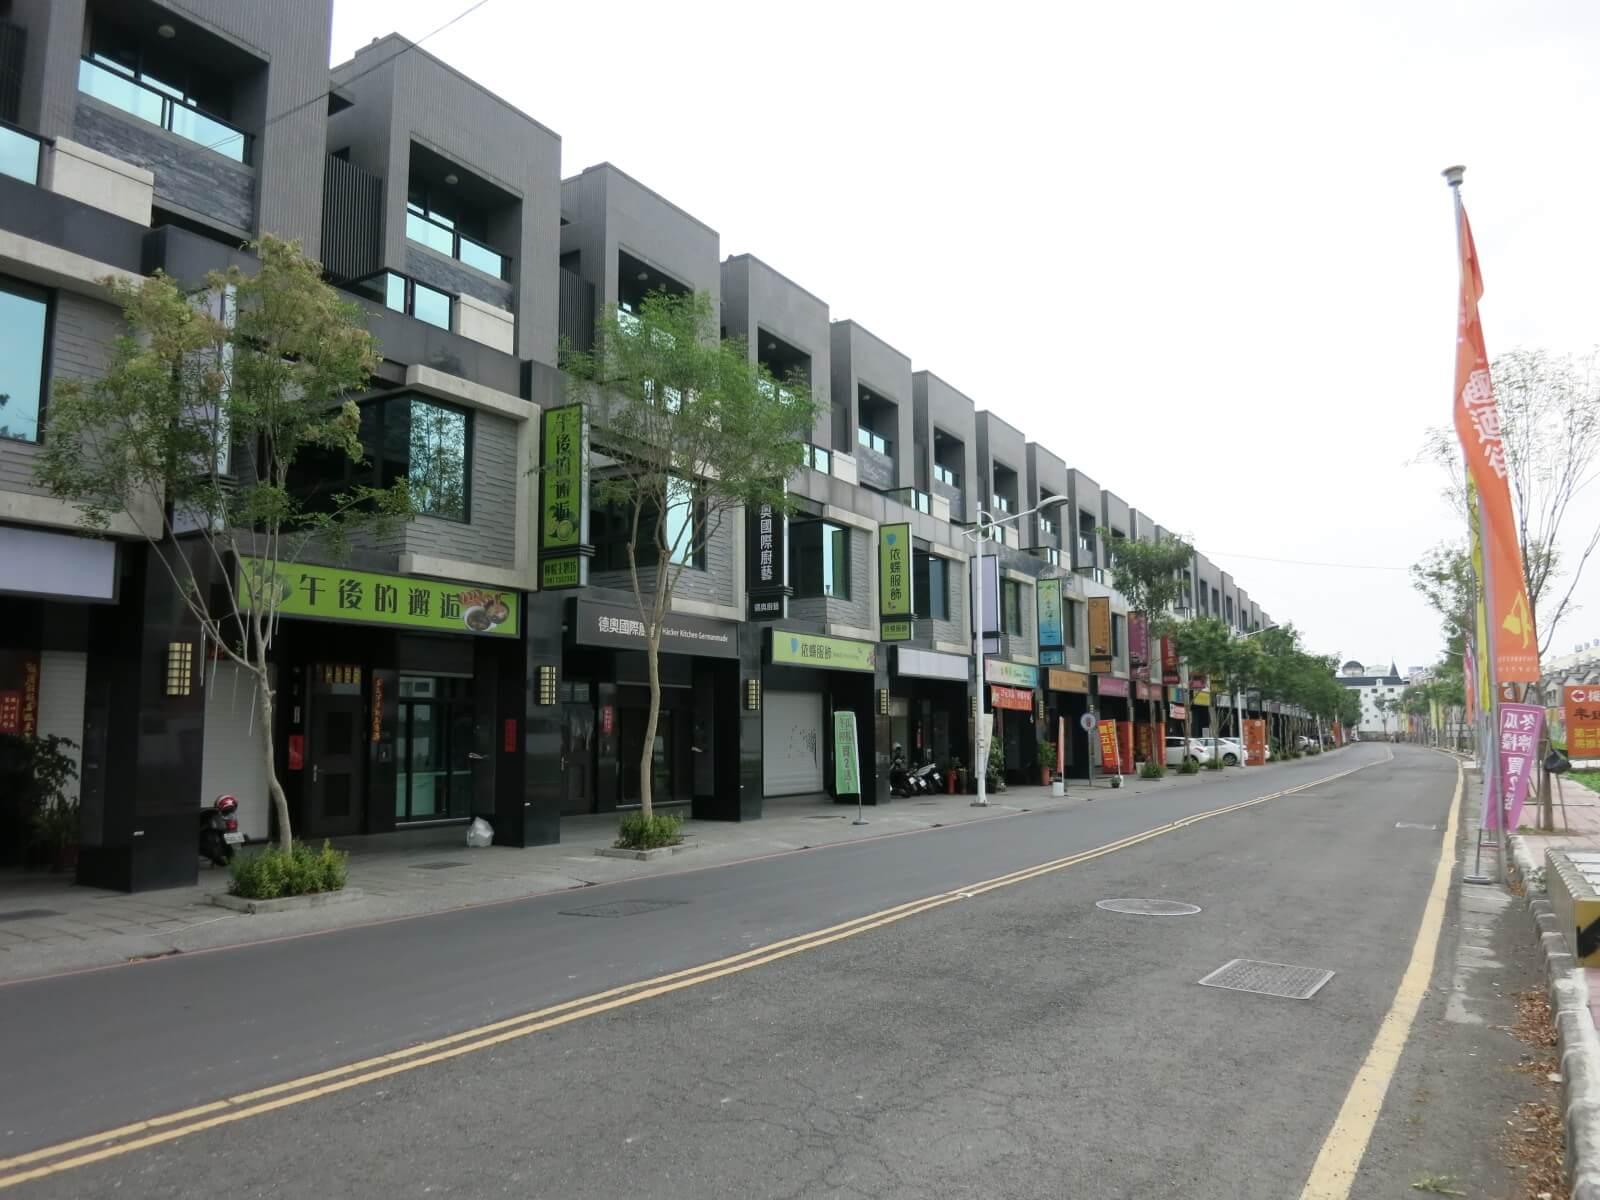 圖片:屏東巿建案 來趣迺街 500米社區造街透天商店城